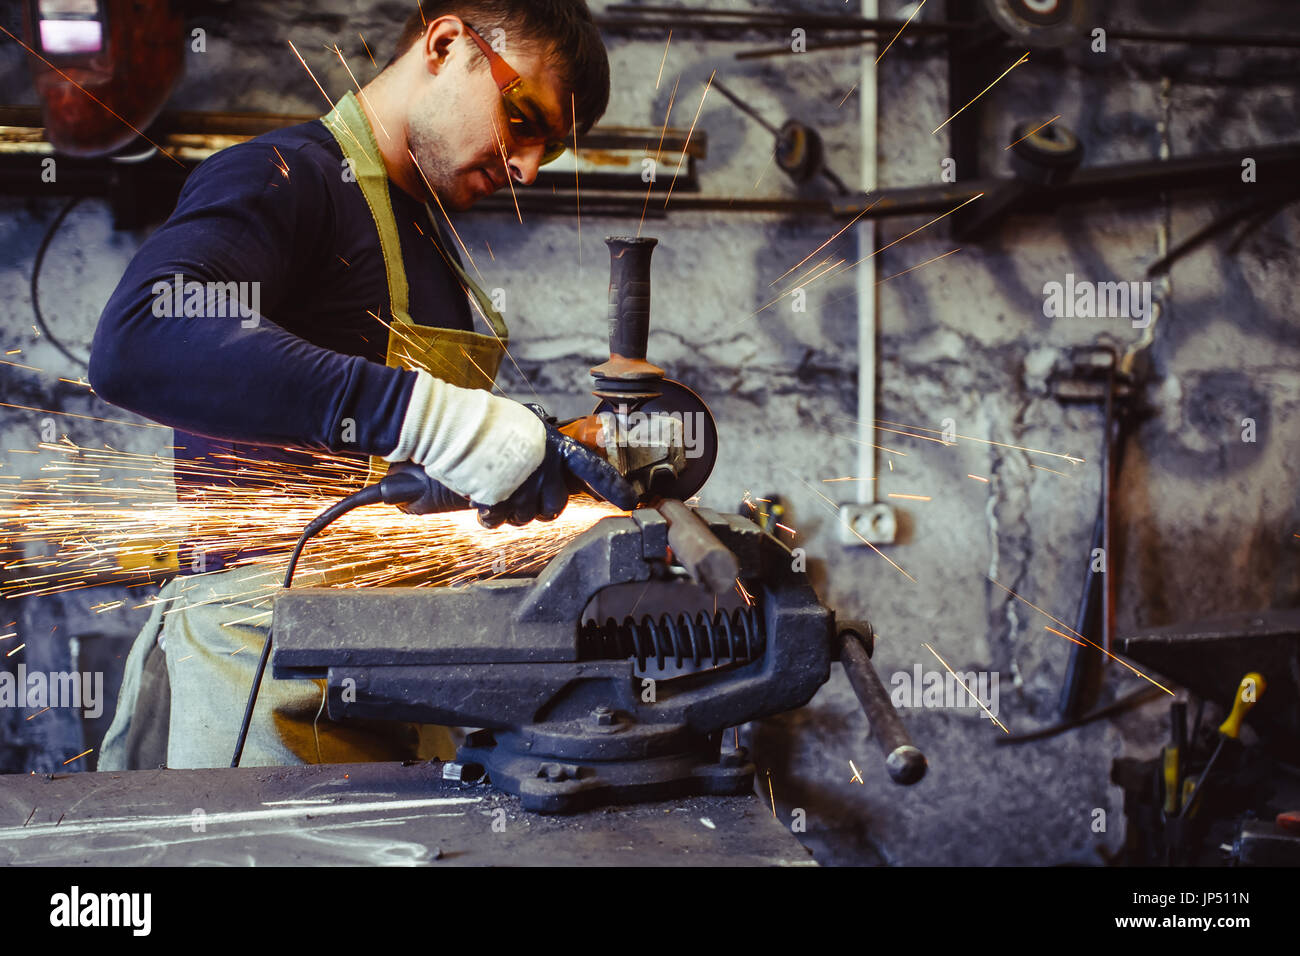 Artigiano taglio dei metalli brilla tutto workshop. Lavorando a mezzogiorno. Immagini Stock